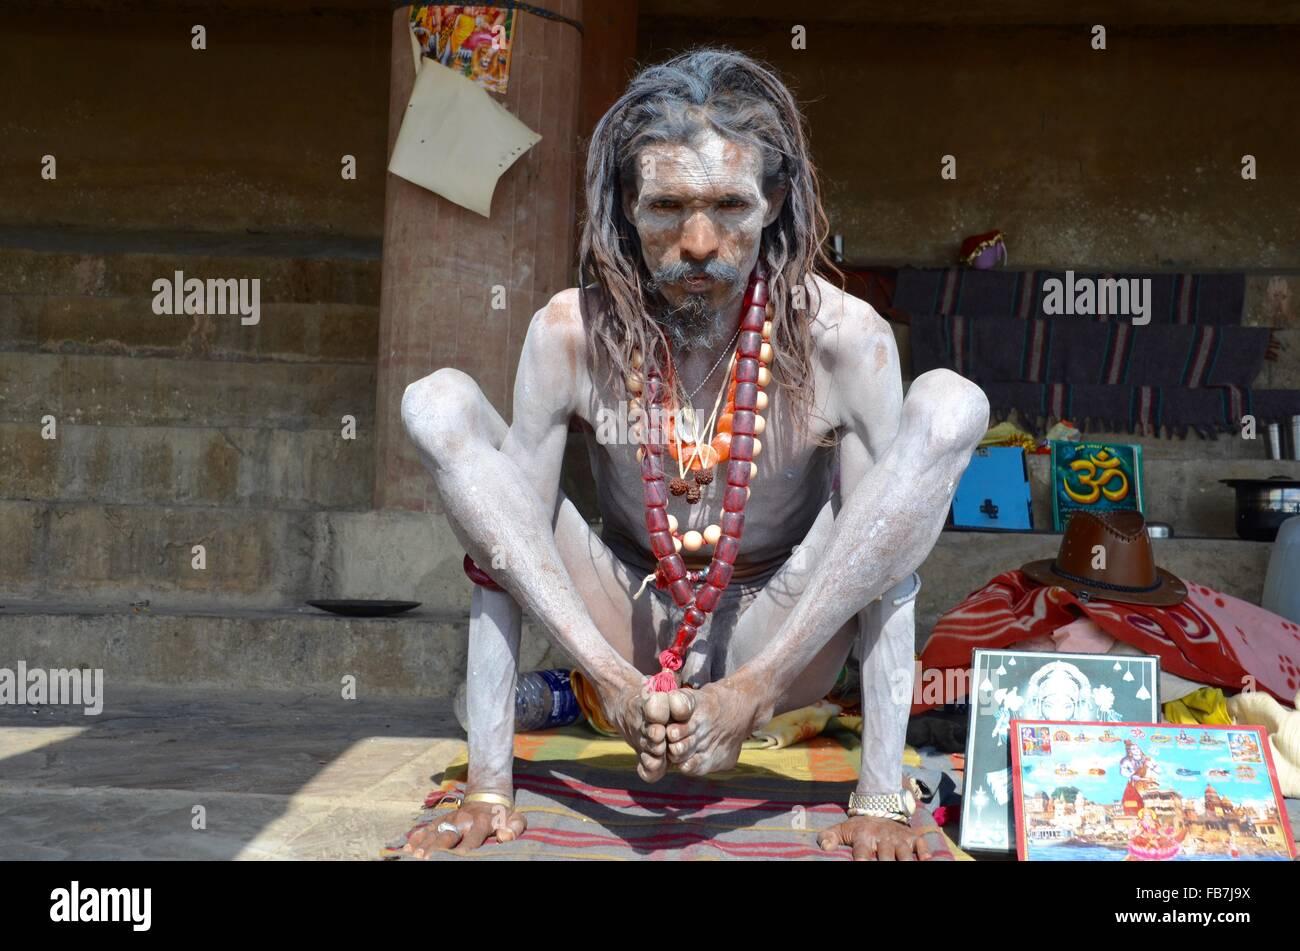 Sadhu Holy Man India - Stock Image